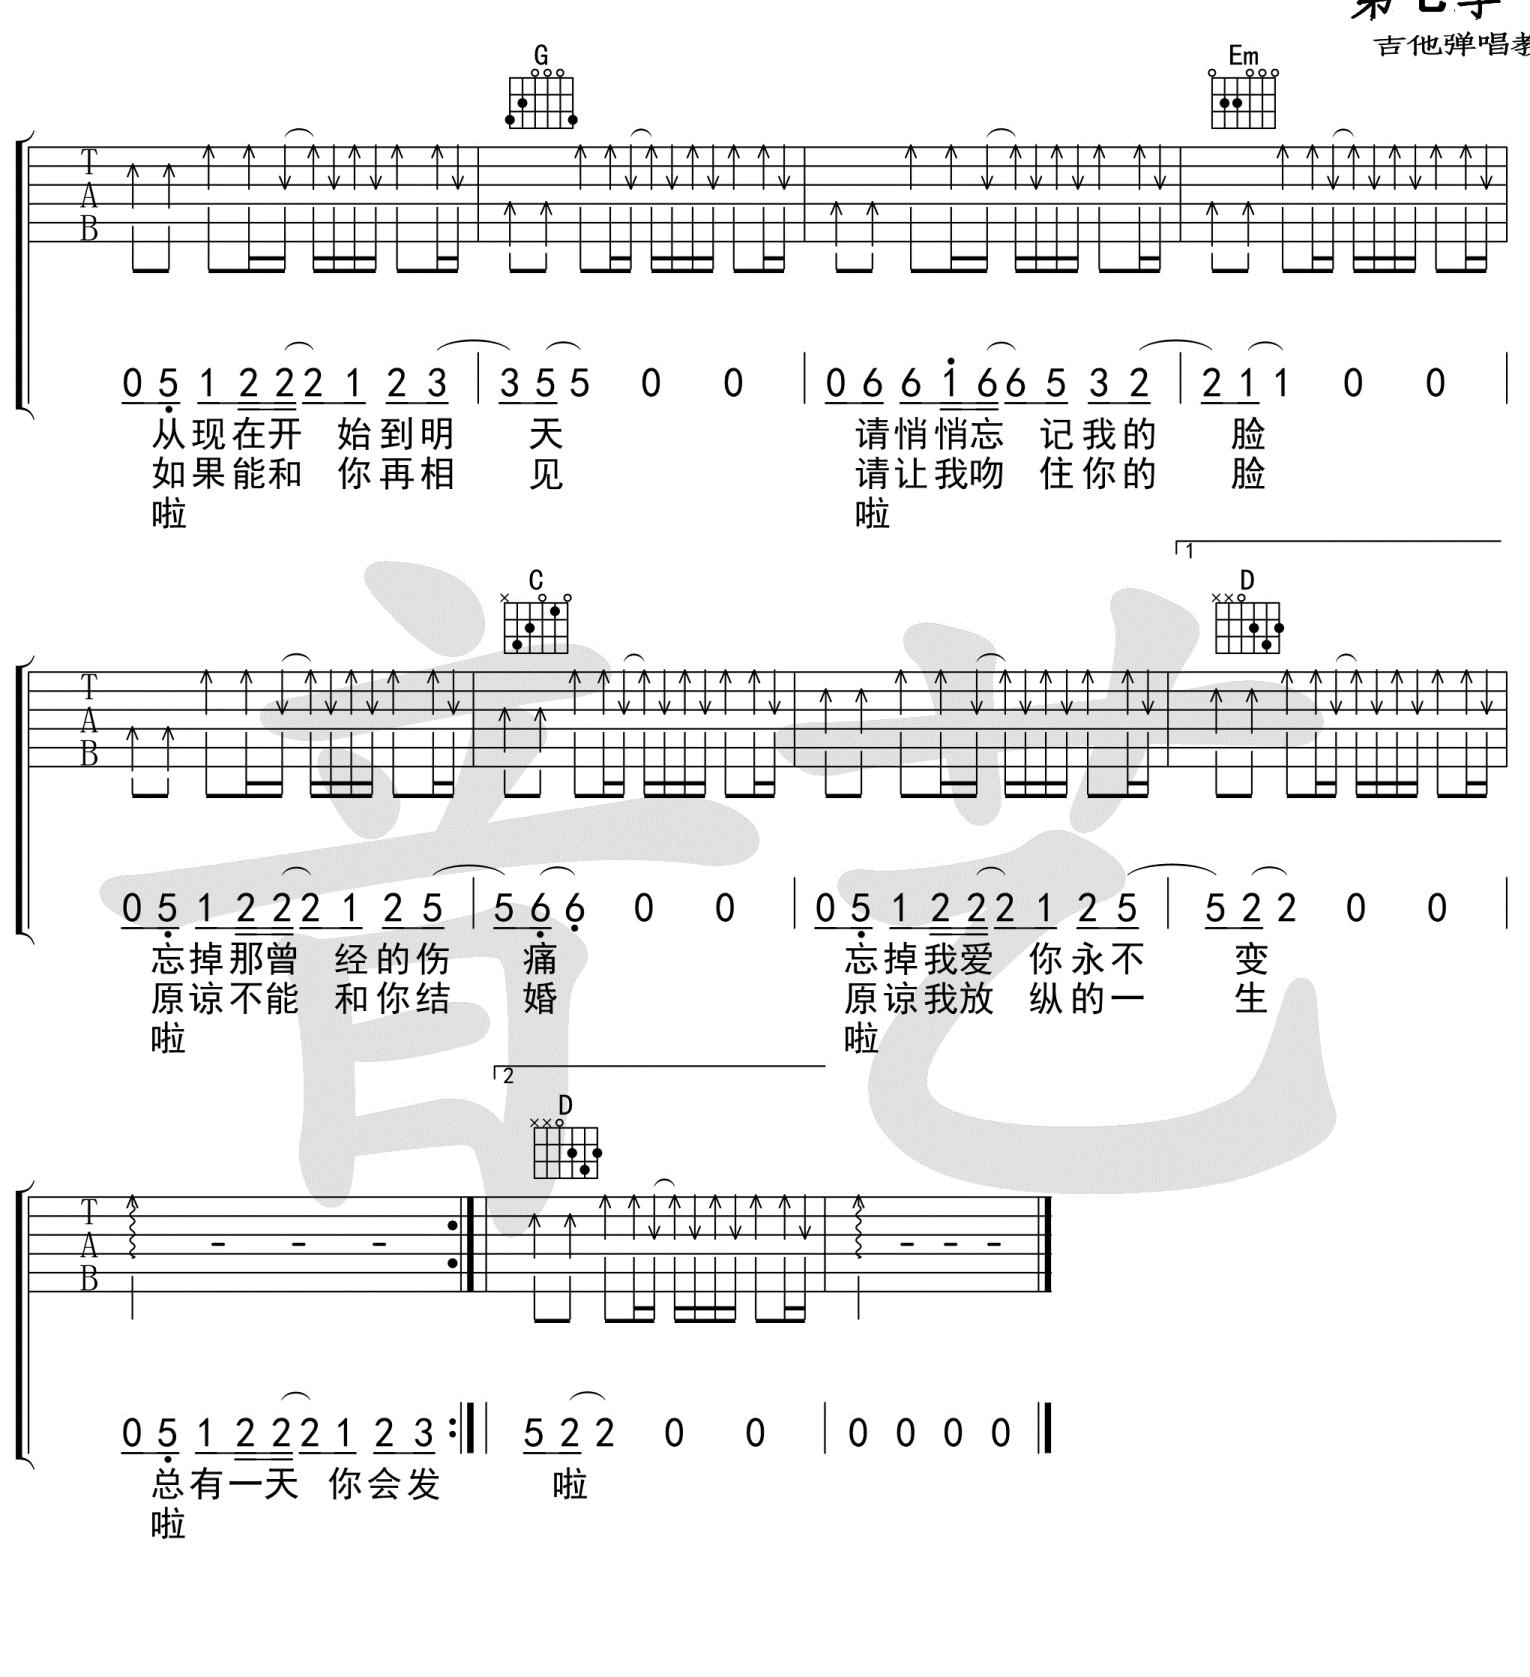 從夜晚到清晨-貳佰-图片吉他谱-3